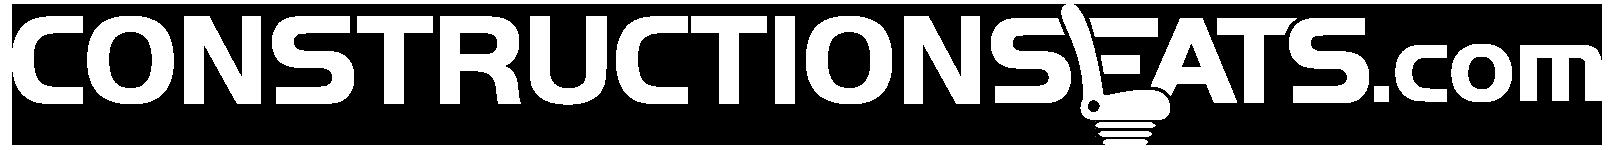 Constructionseats.com